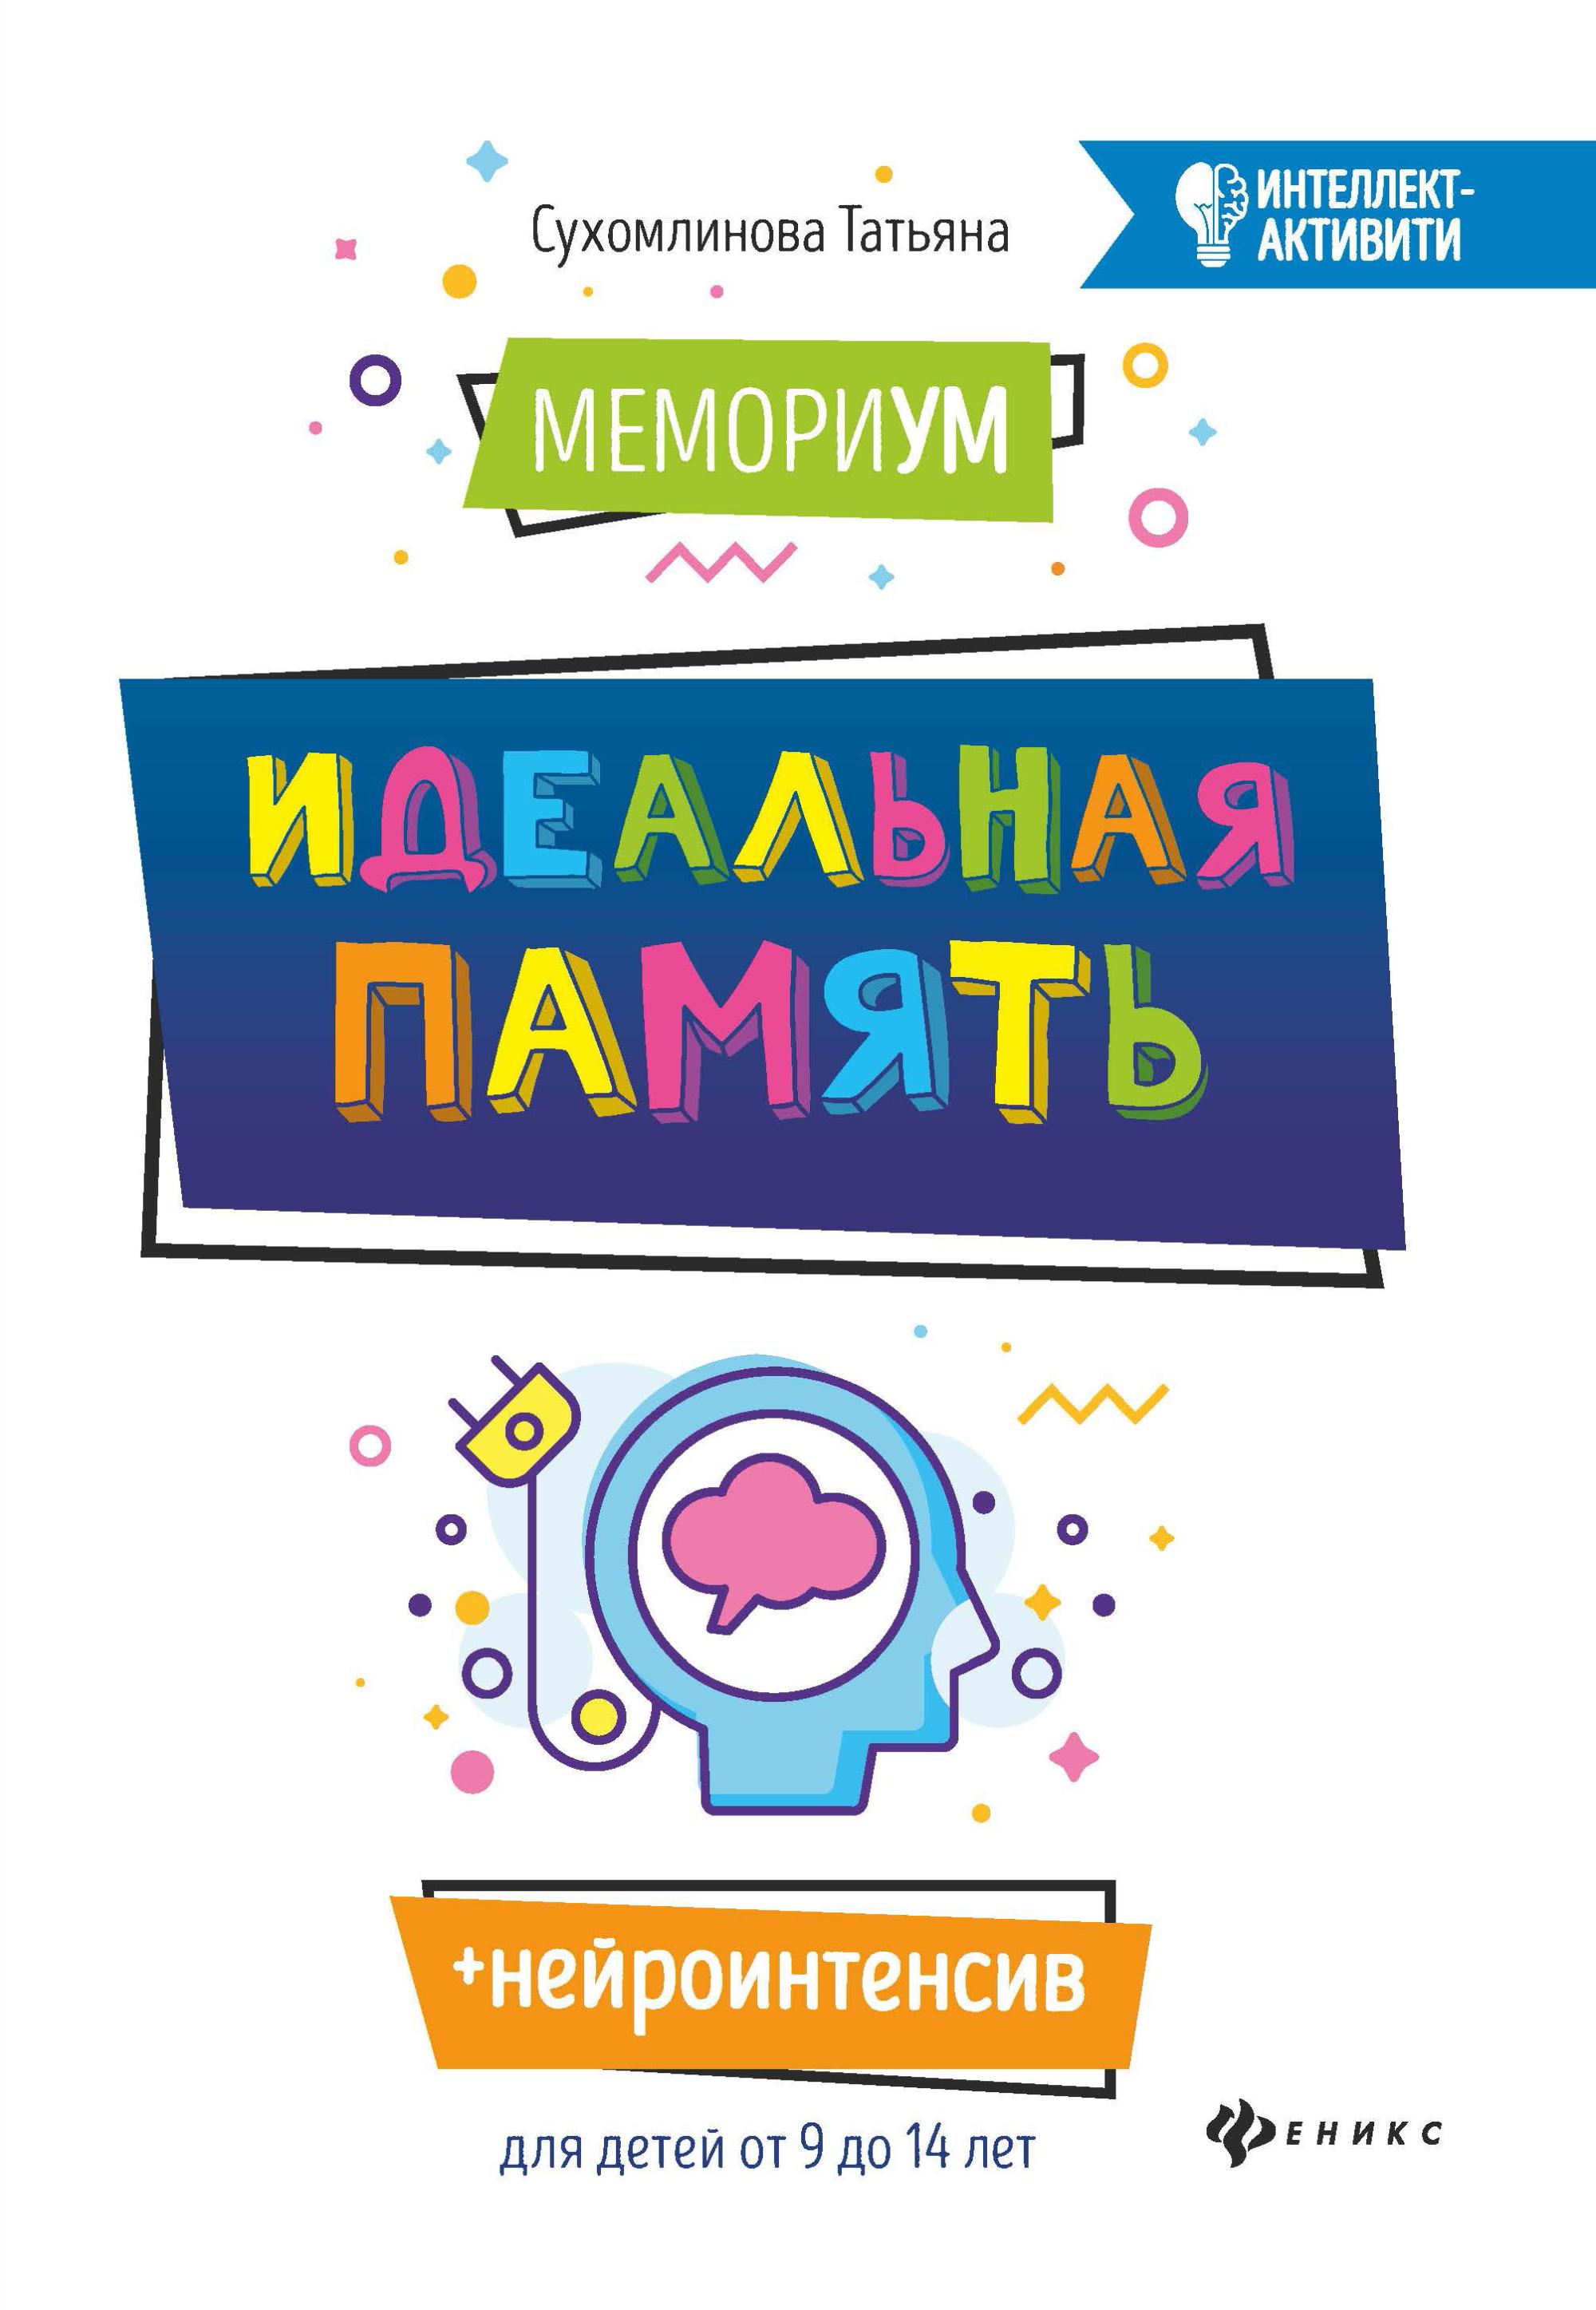 МемориУМ: Идеальная память